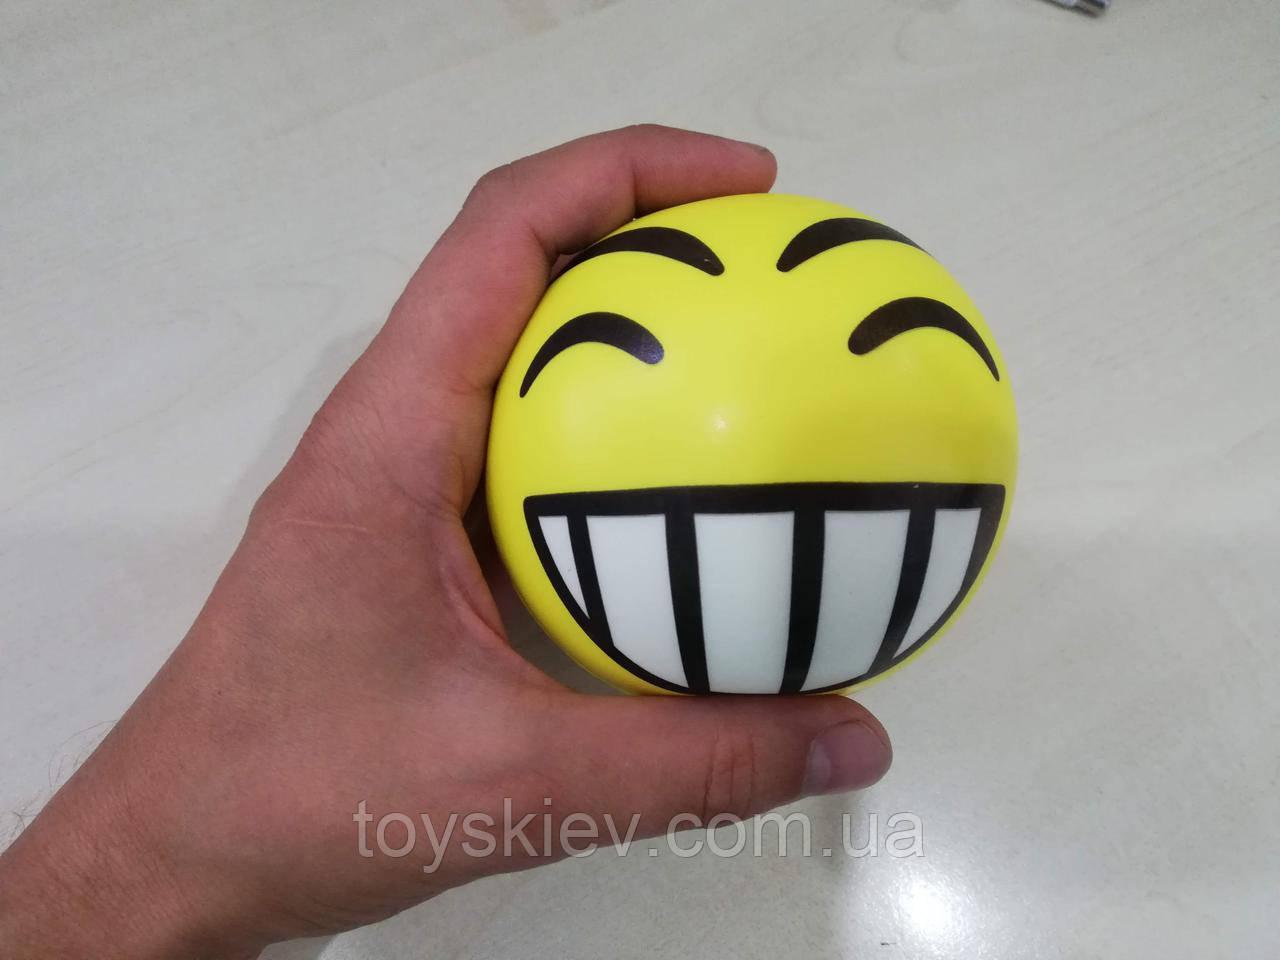 Сквиши SQUISHY Смайлик-1 Сквиш Антистресс игрушка большая 10*10см.